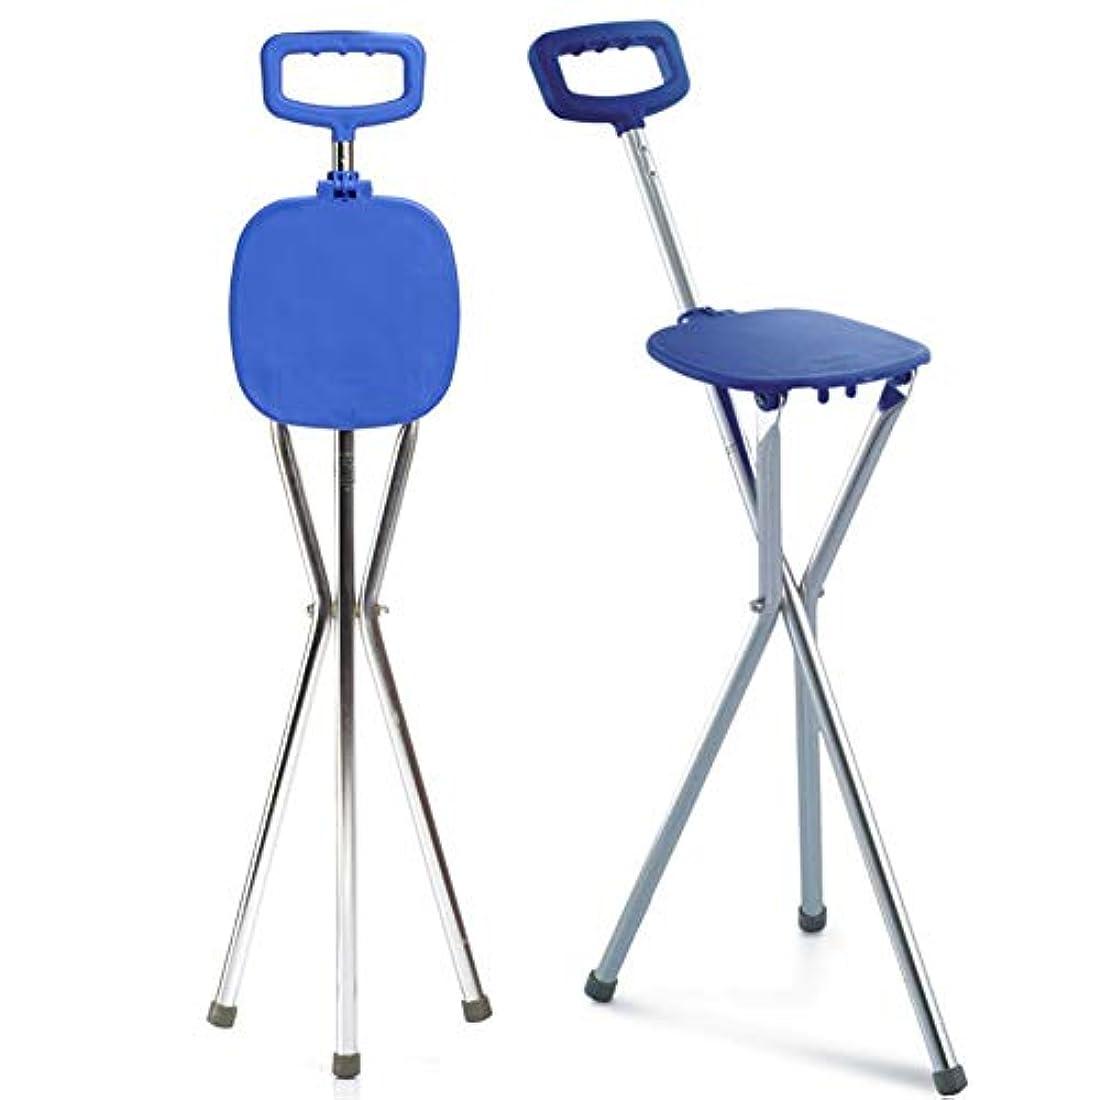 ナラーバー急ぐまばたき女性の積載量のための軽量の杖の座席の折りたたみ110ポンド歩行椅子